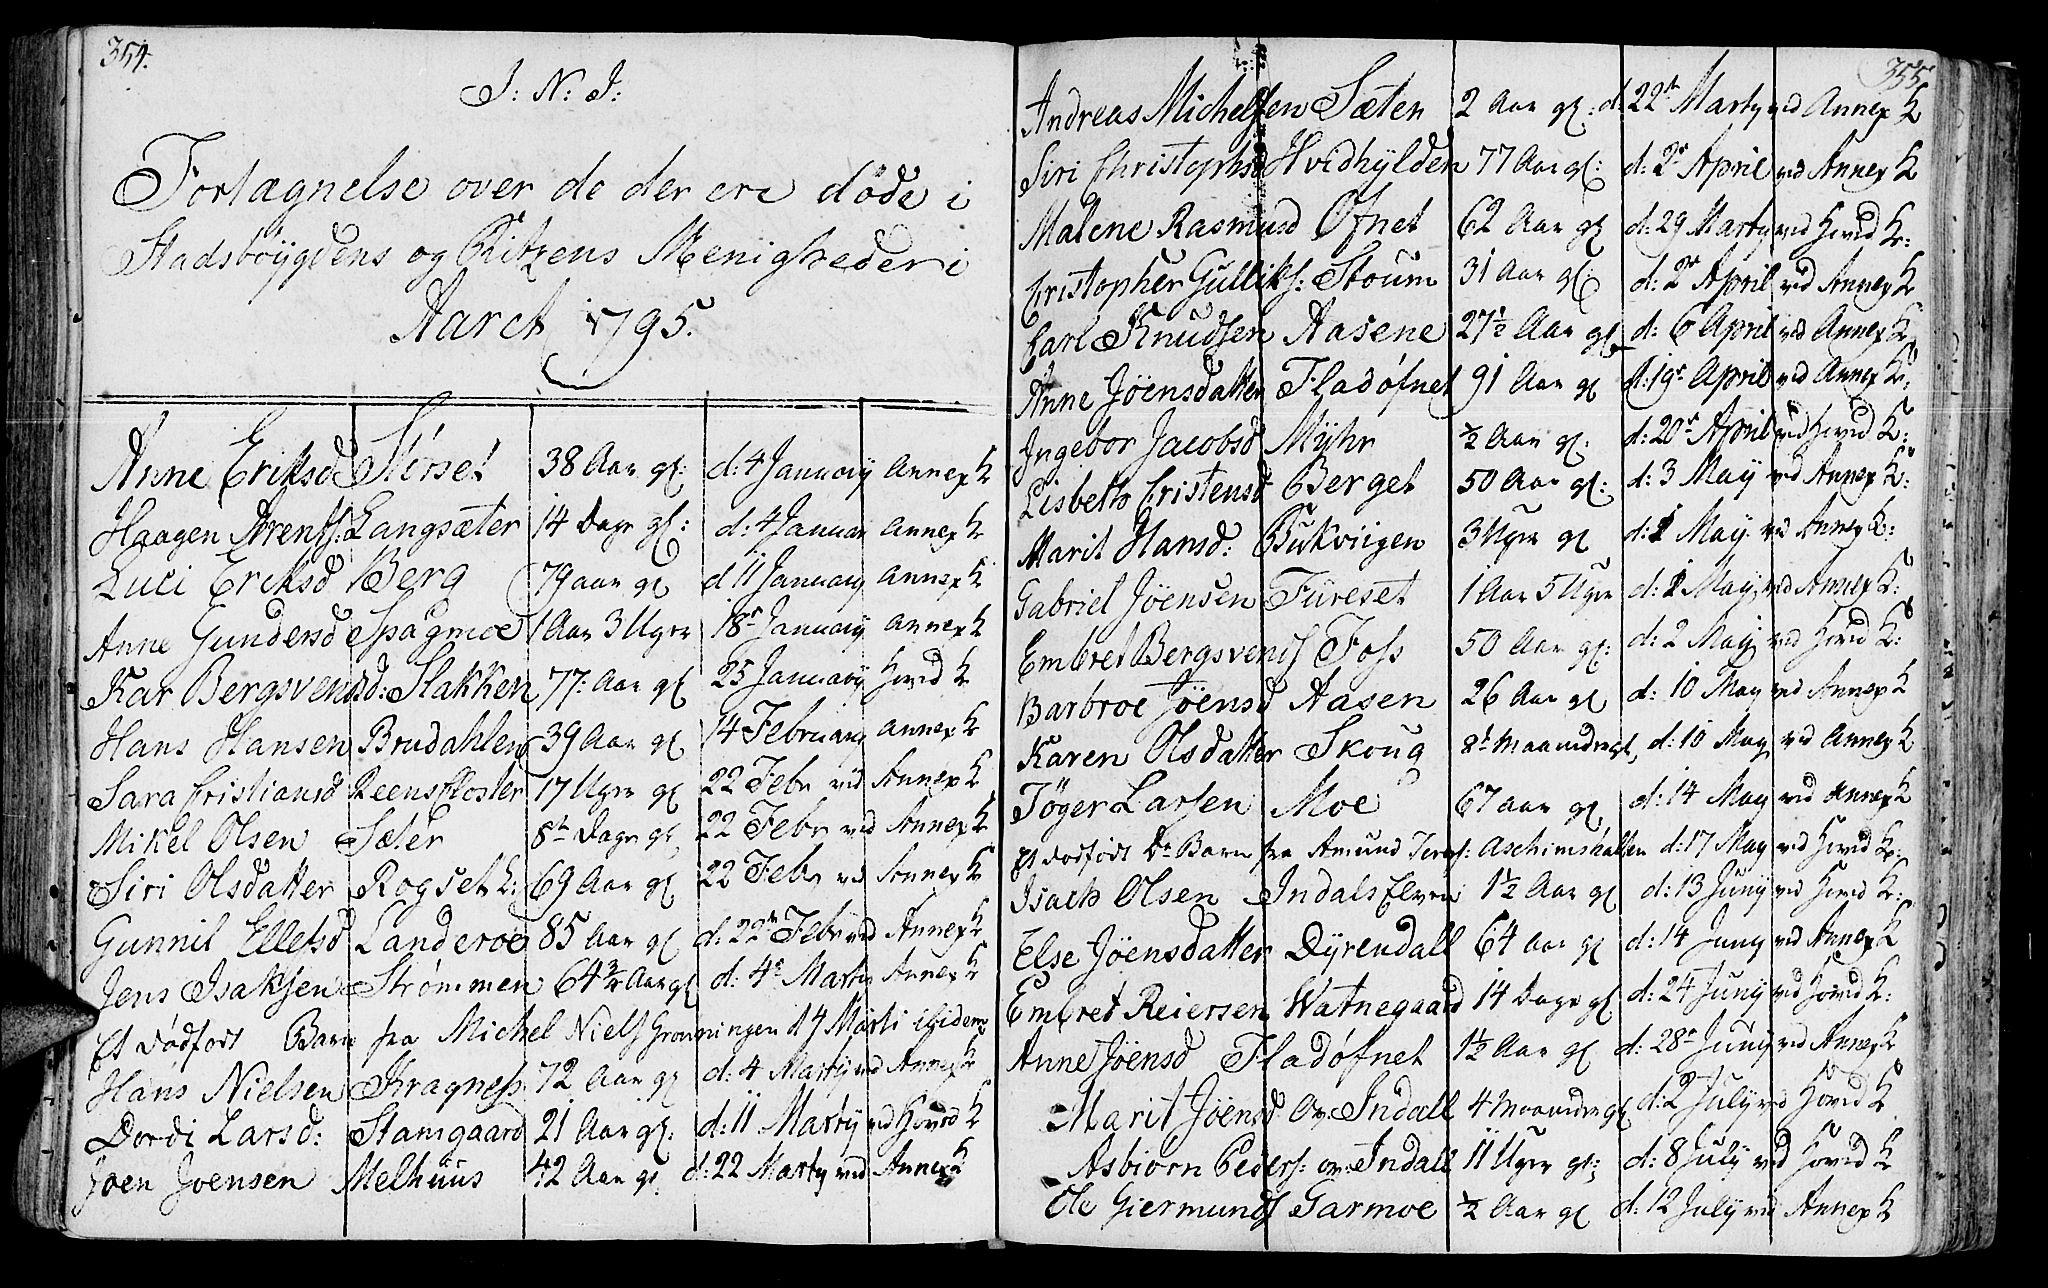 SAT, Ministerialprotokoller, klokkerbøker og fødselsregistre - Sør-Trøndelag, 646/L0606: Ministerialbok nr. 646A04, 1791-1805, s. 354-355